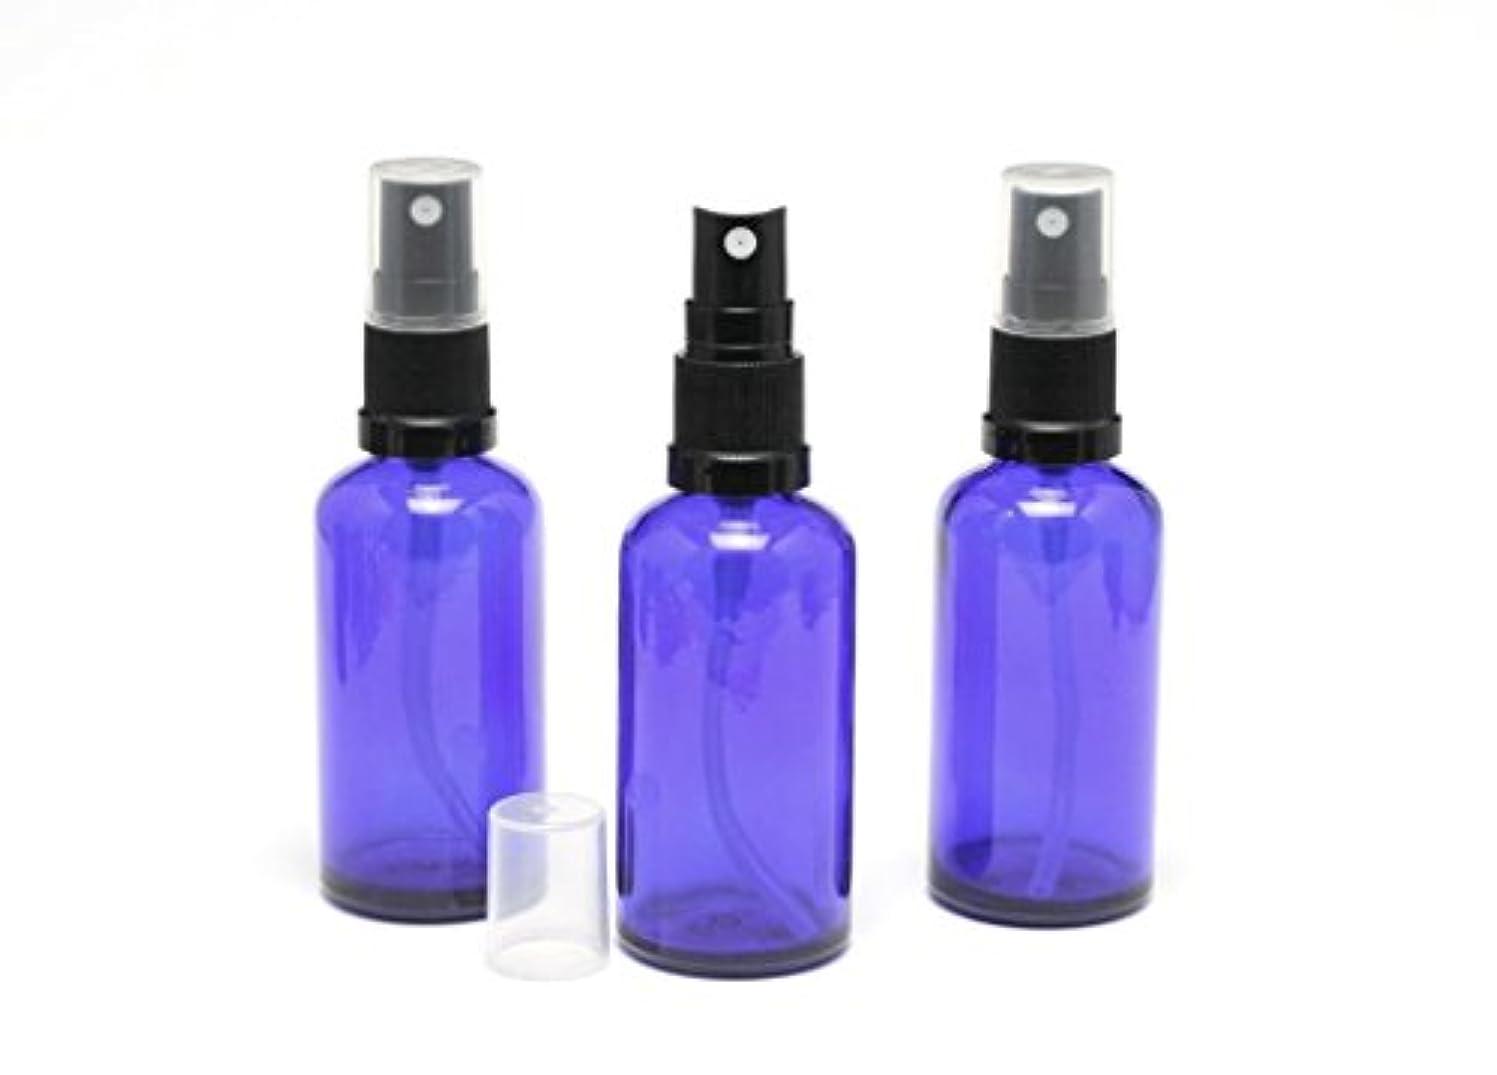 オフセットぺディカブ口述遮光瓶 スプレーボトル (グラス/アトマイザー) 50ml ブルー 3本セット